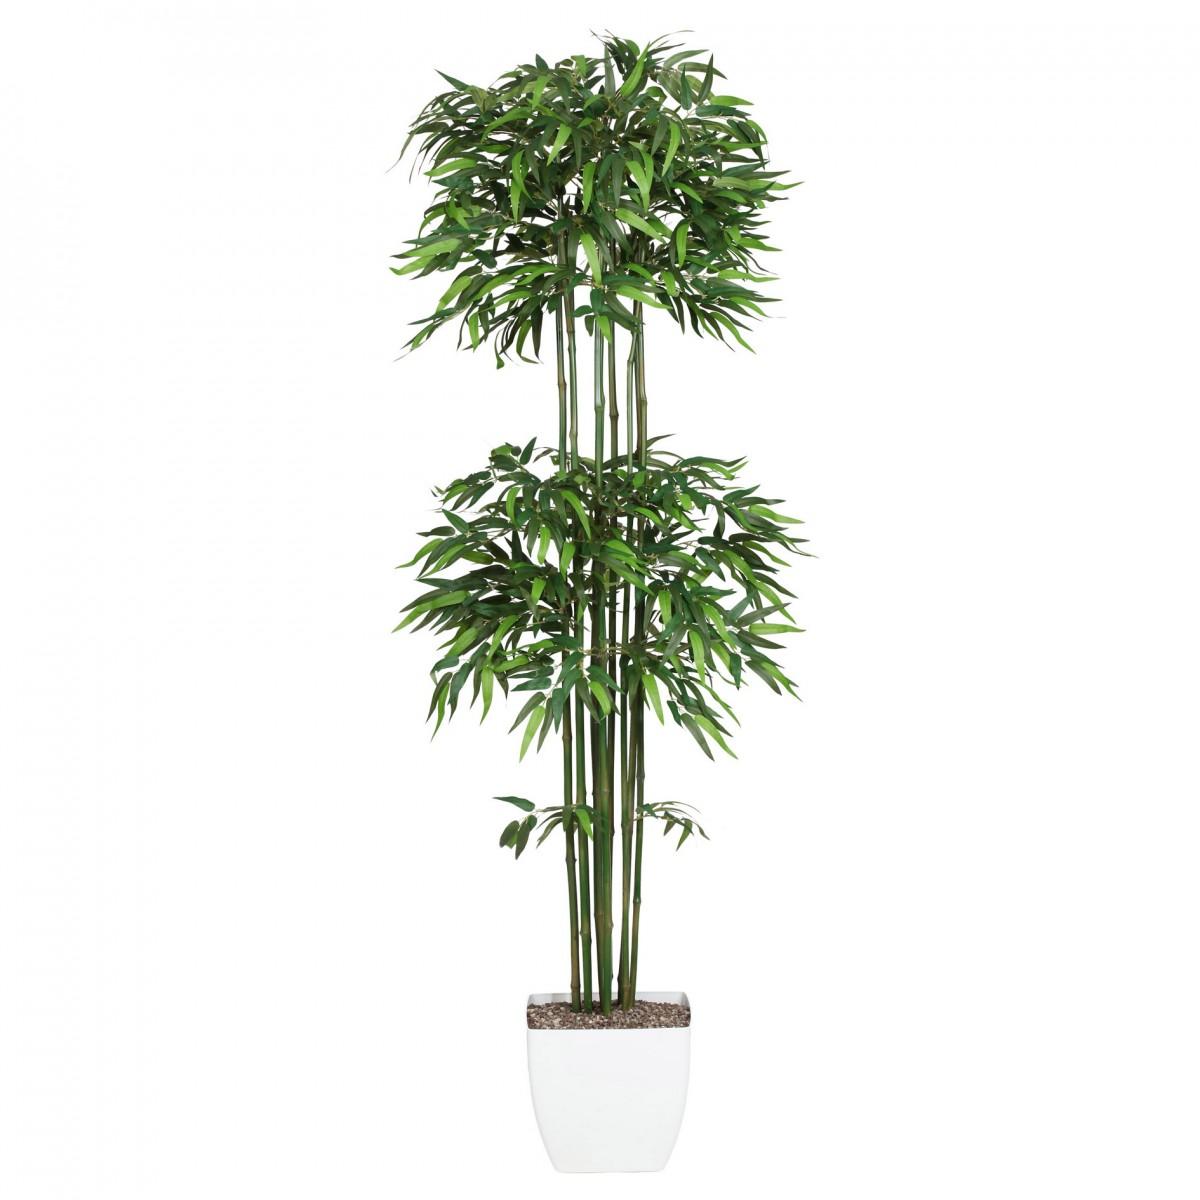 bambus kunstpflanze 180cm naturstamm im topf kaufen bei. Black Bedroom Furniture Sets. Home Design Ideas